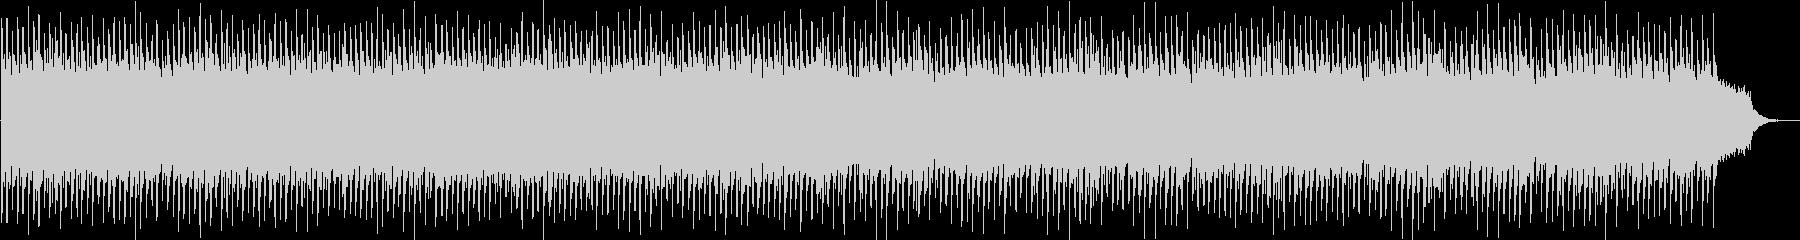 勢いのあるシンセサイザーポップの未再生の波形